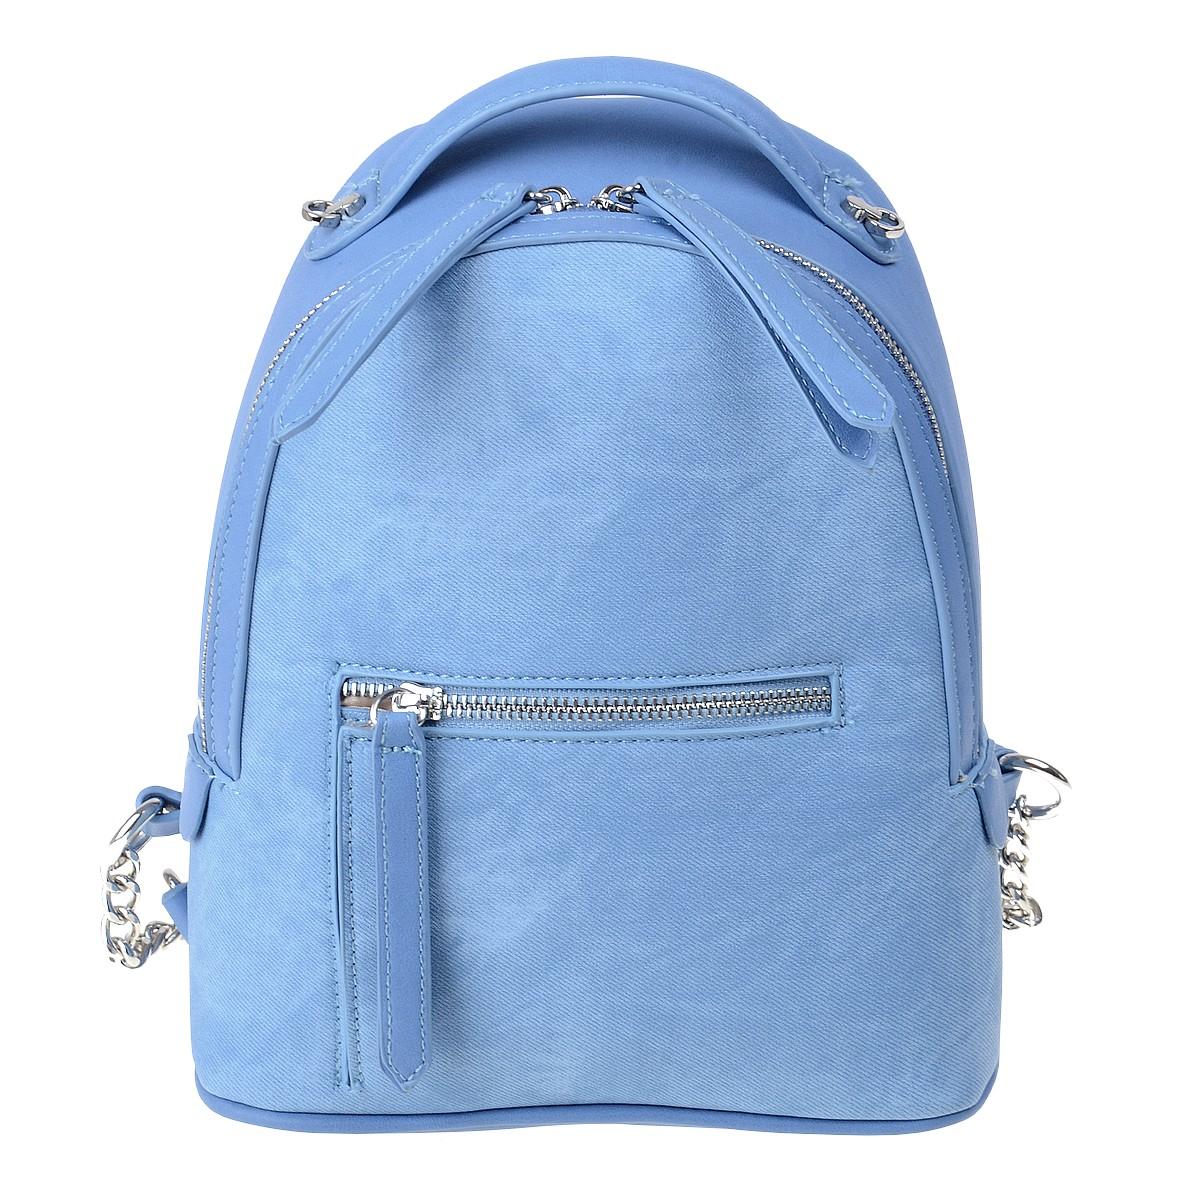 Рюкзак женский Dispacci, цвет: голубой. 3259932599Модели итальянского бренда Dispacci совмещают в себе стиль, практичность и безукоризненное качество изготовления. Чтобы ваш рюкзак сумка всегда оставался в целости и выглядел как новый, дизайнеры Dispacci продумали его конструкцию до мельчайших деталей. Вся фурнитура, пряжки, замки и молнии сделаны из металла, а места креплений лямок и верхней ручки прошиты крепкими нитками. Мы предлагаем очень практичную модель с вместительным центральным отделением и наружным карманом, который закрывается на молнию. Для удобства открывания все замки снабжены стильными цифрами из экокожи. Рюкзак в комплекте с широким ремнем декорированным цветочками из экокожи в цвет изделия. Высота ручки 5 см.